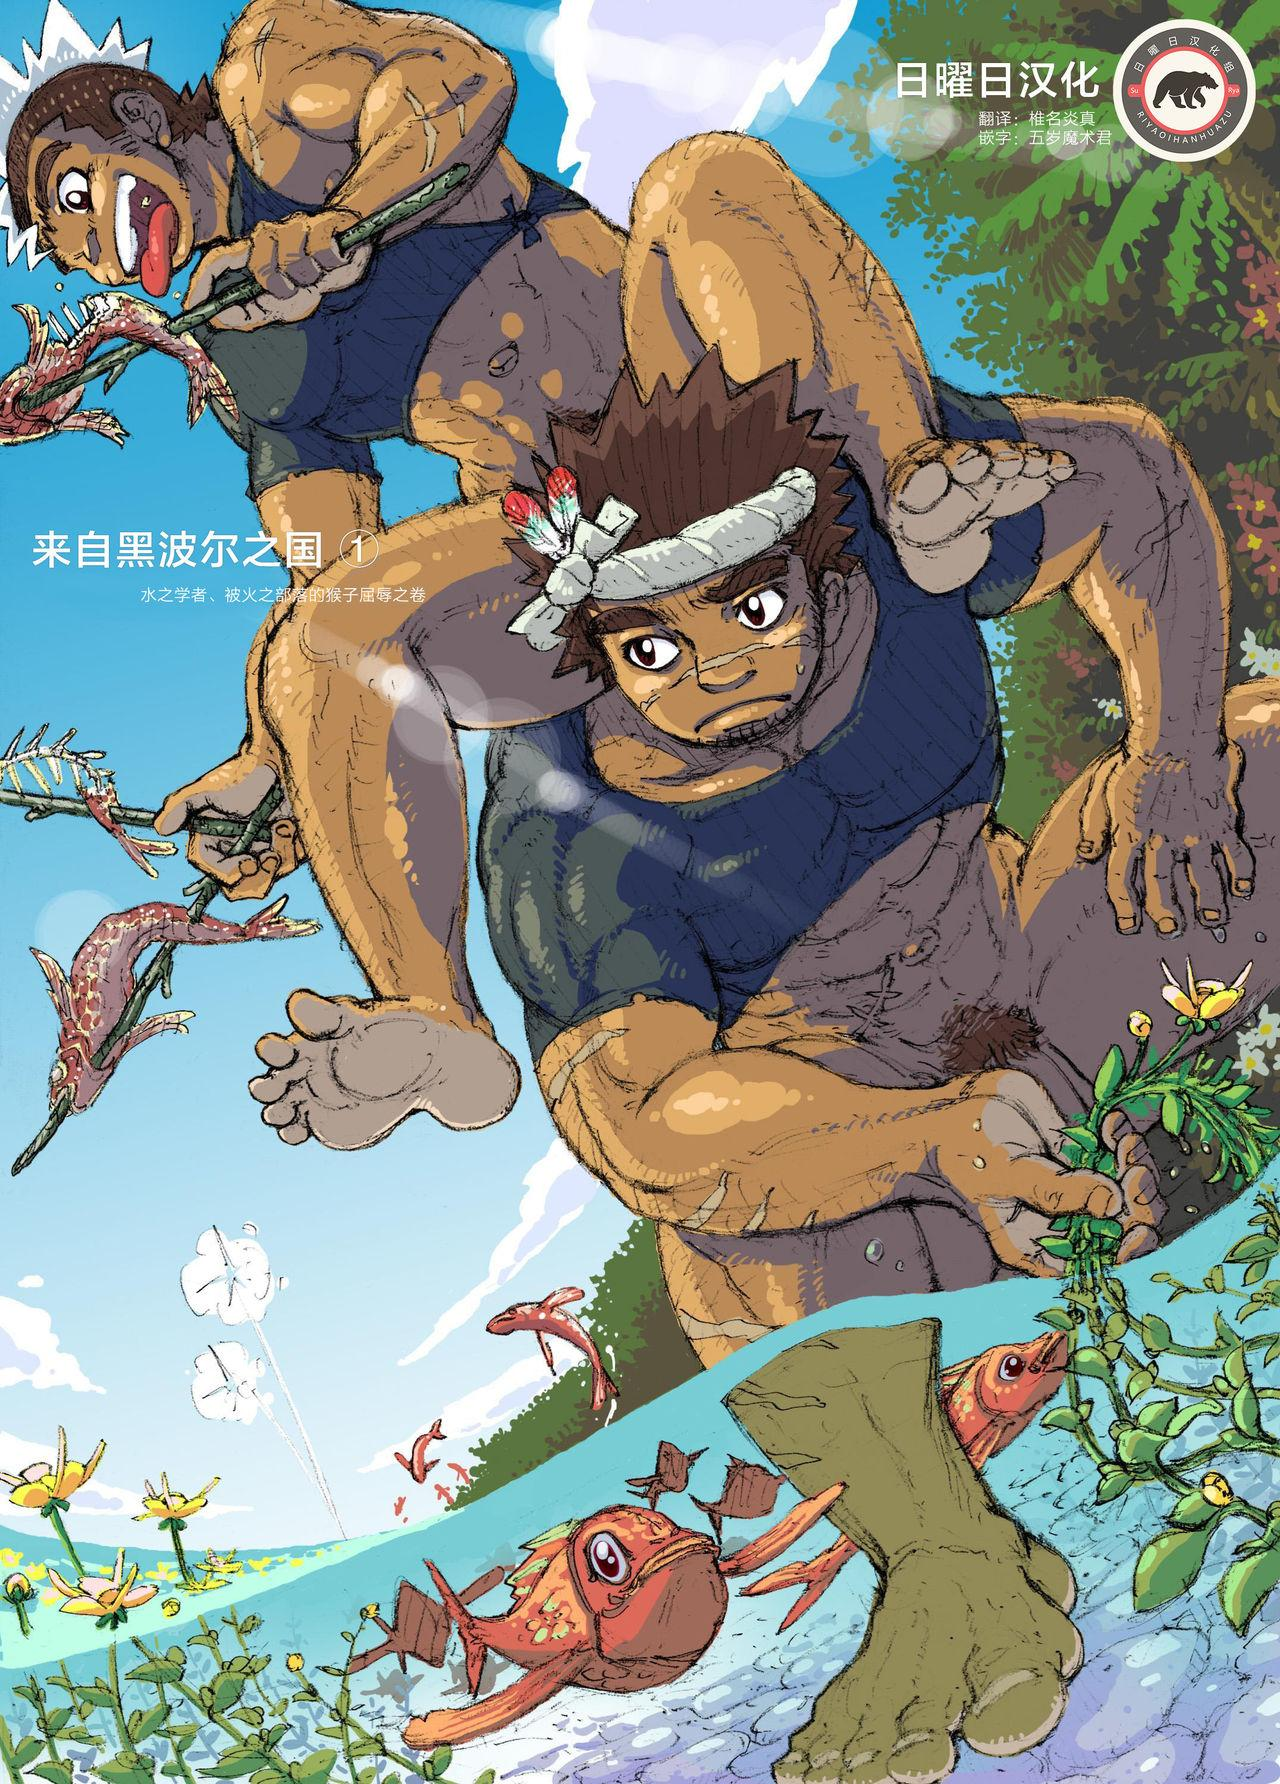 Hepoe no Kuni kara 1 - Mizu no Gakusha Sensei, Hi no Buzoku no Saru ni Hazukashimerareru no Maki 0